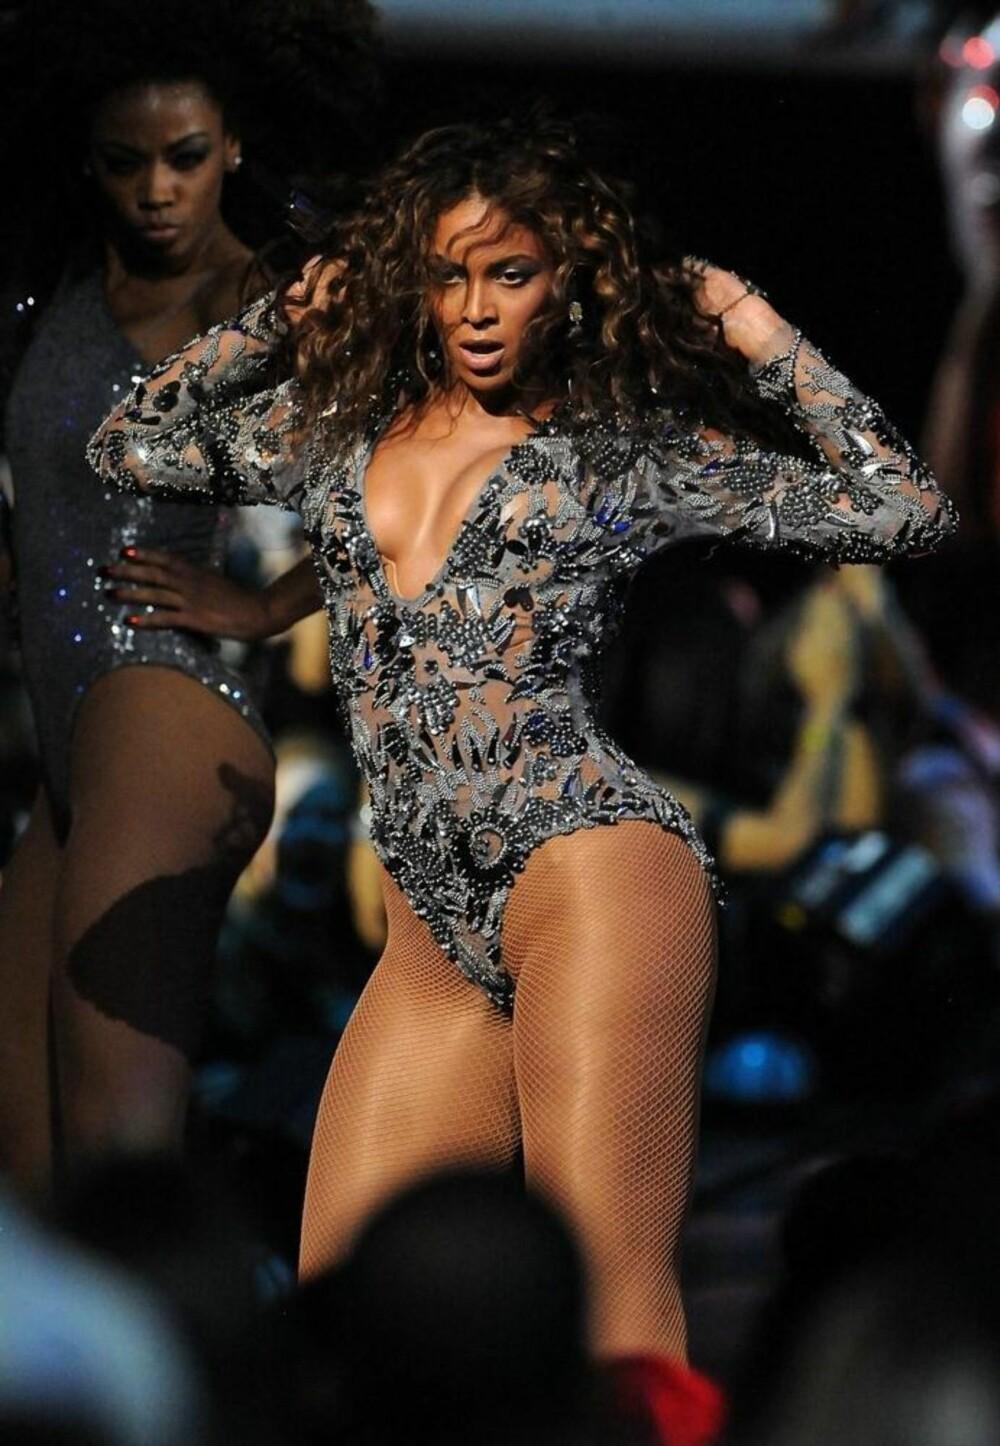 SMASHING: Beyonce er en av verdens største sexsymboler og lar seg tilsynelatende ikke stresse over mangelen på thigh gap.